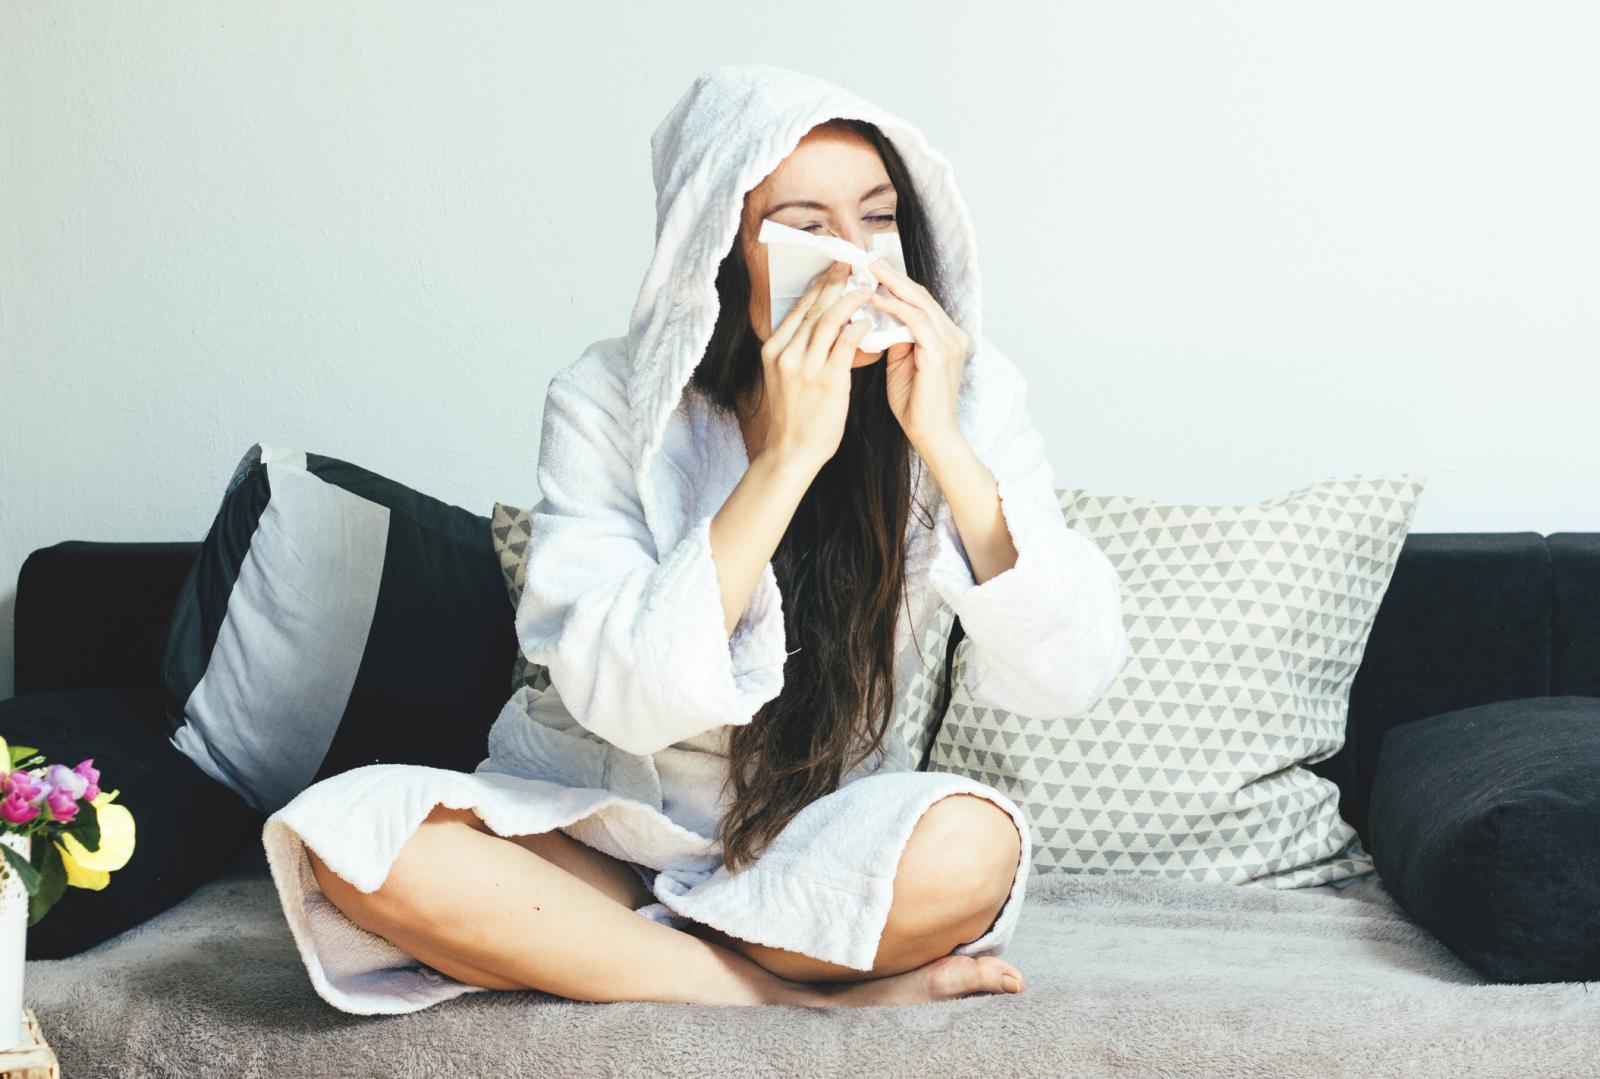 Možda vam to zvuči čudno, ali velika je vjerojatnost da vam je nosna sluznica isušena ako vam curi nos.